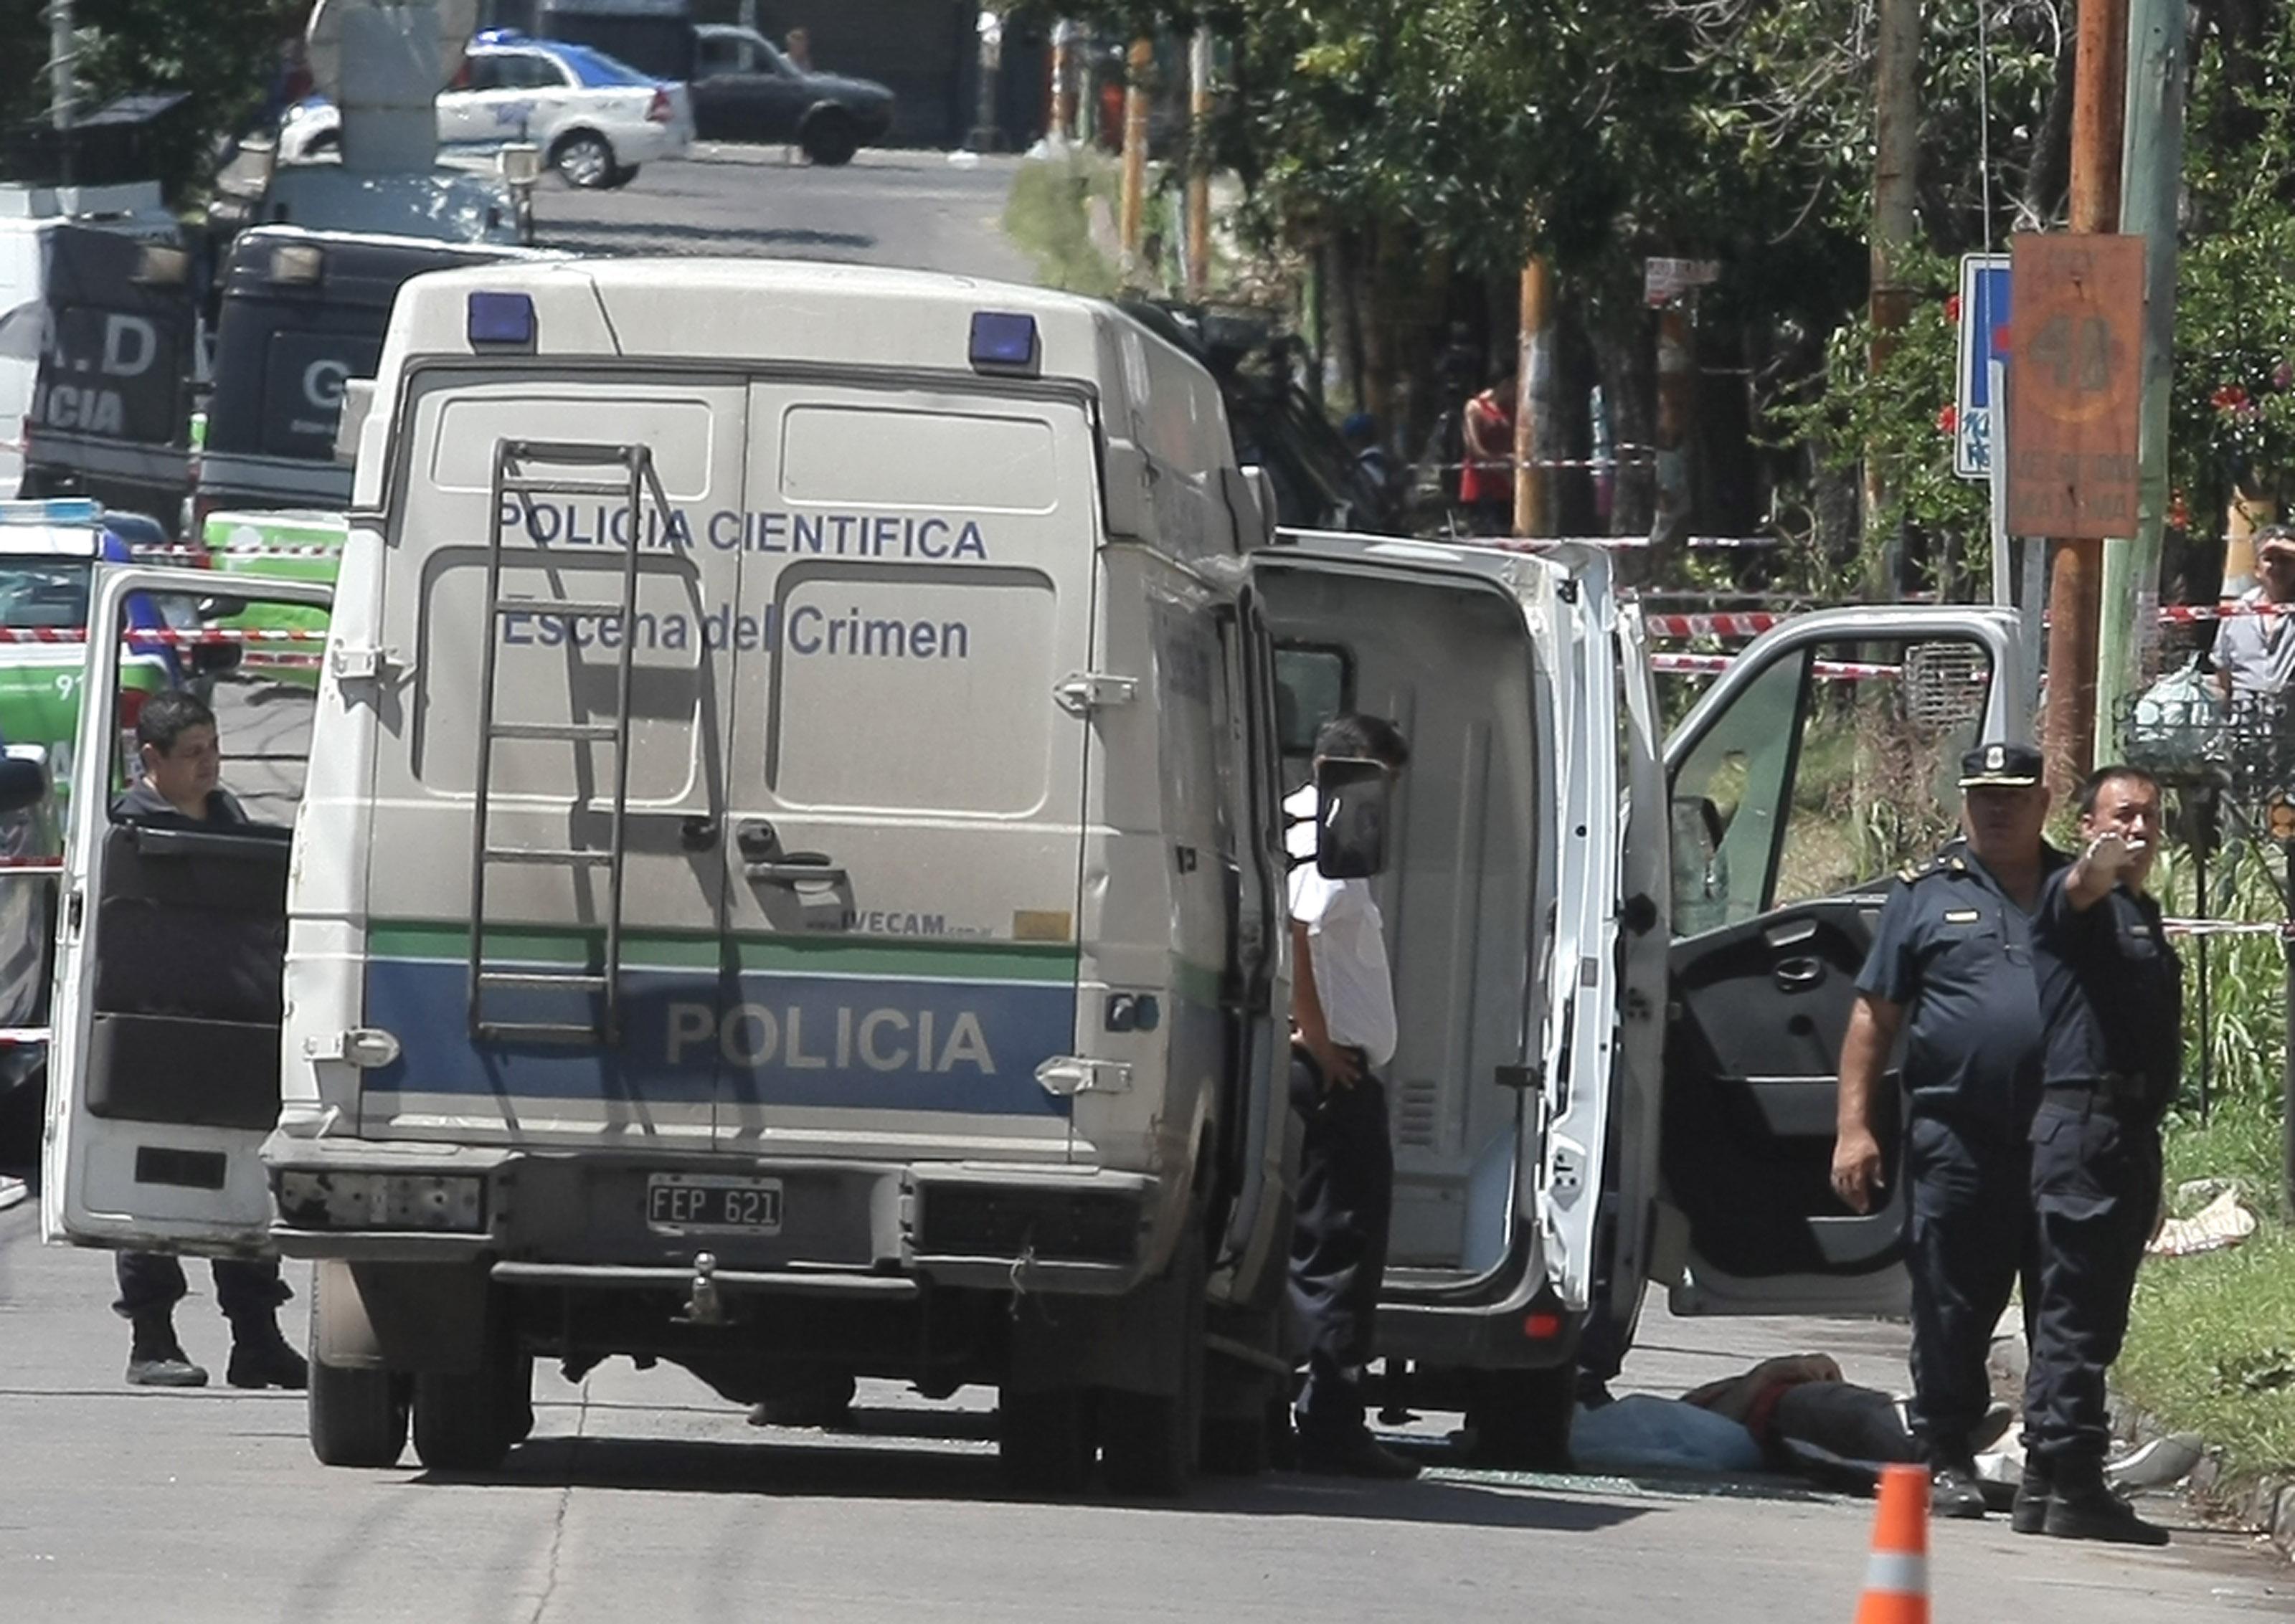 DYN14, BUENOS AIRES 30/01/17, UN EMPRESARIO DE VENTA DE TABACO, FUE ACRIBILLADO EN LA LOCALIDAD DE EZPELETA.FOTO:DYN/PABLO MOLINA.